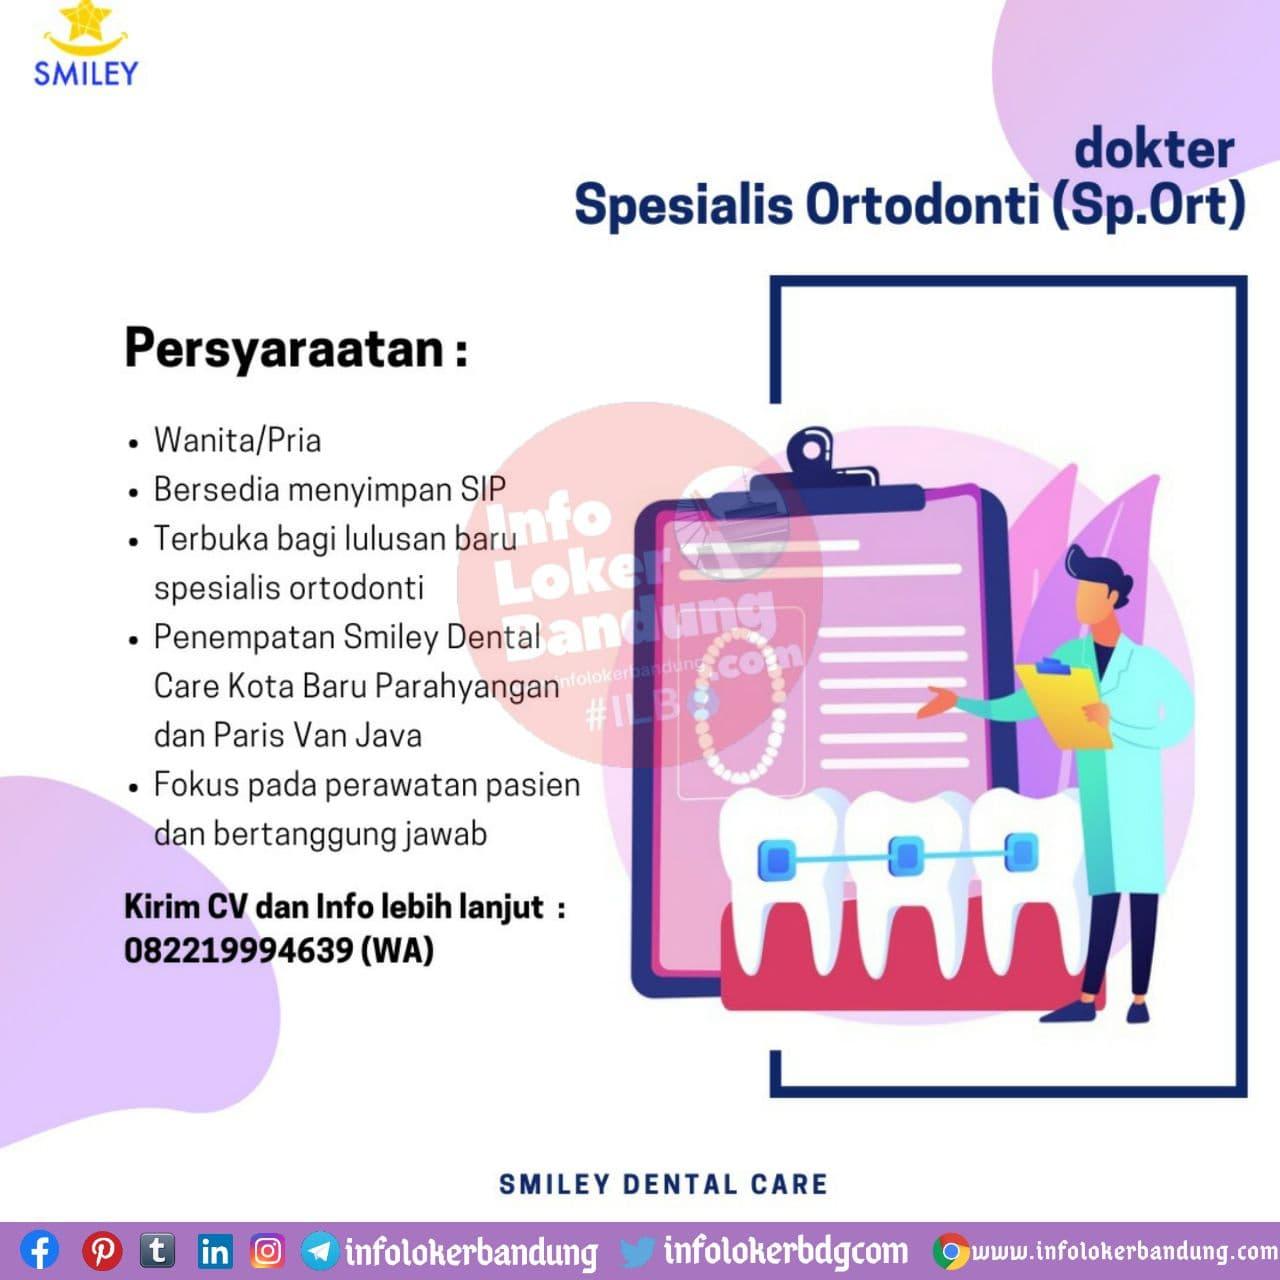 Lowongan Kerja Dokter Spesialis Ortodonti (Sp.Ort) Smiley Dental Care Bandung November 2020